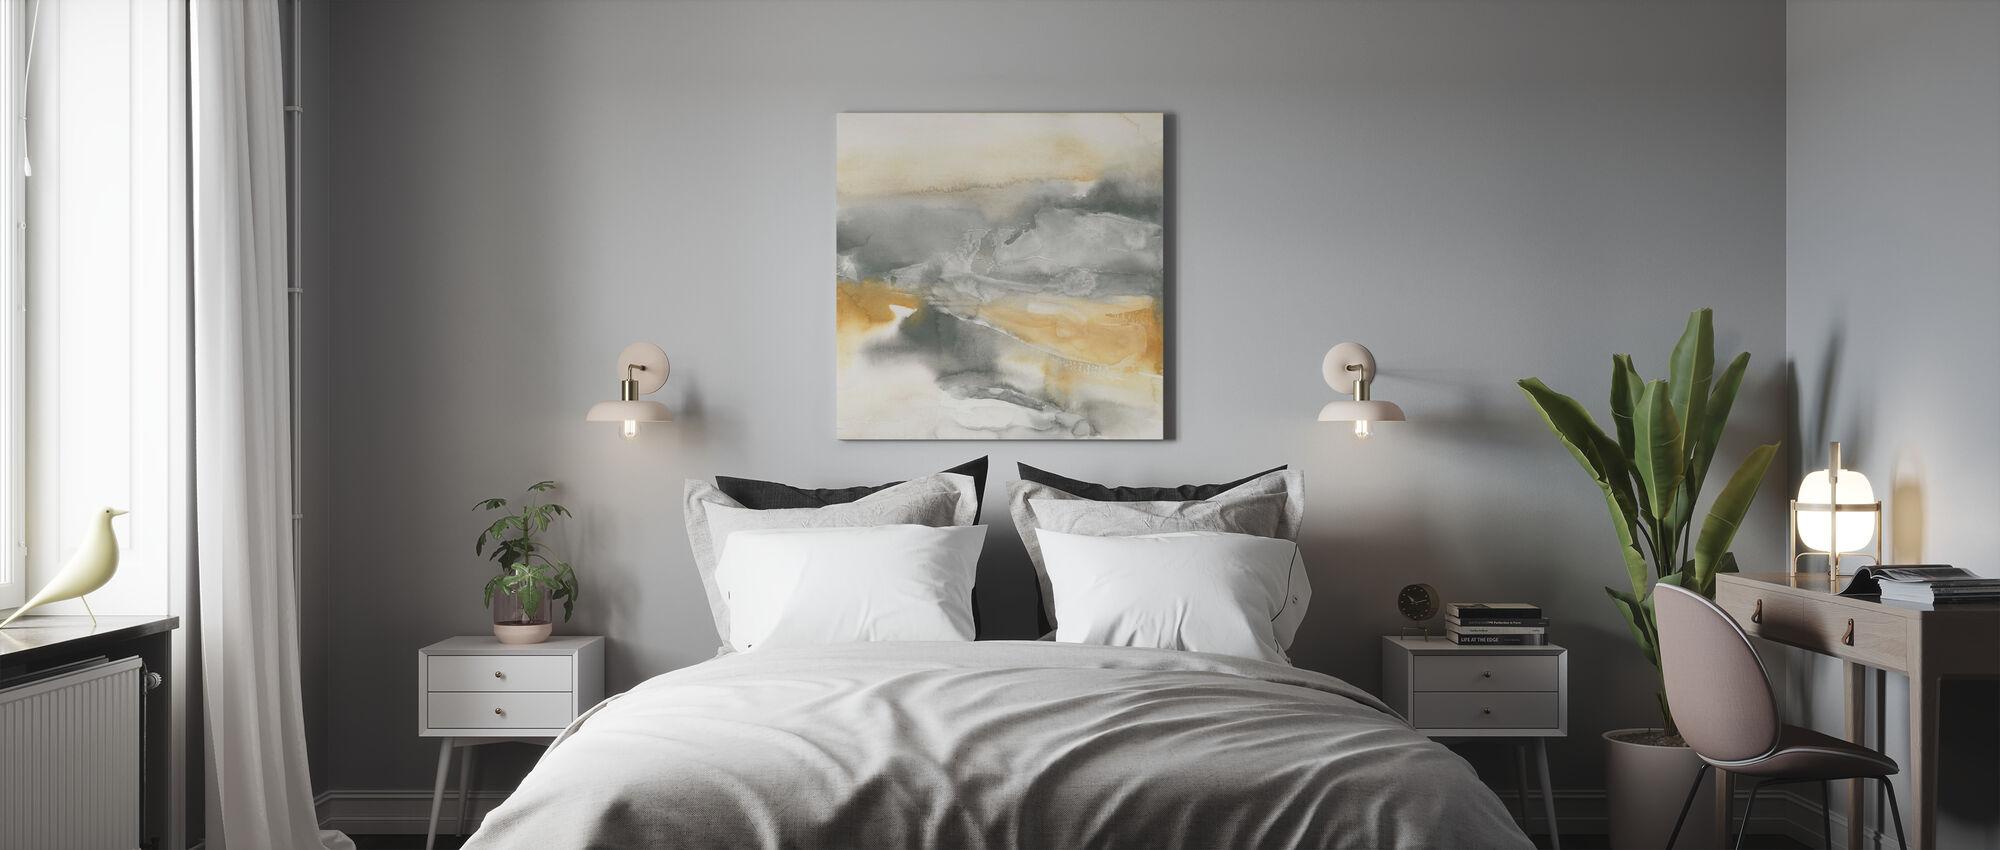 Watercolor Minerals II - Canvas print - Bedroom